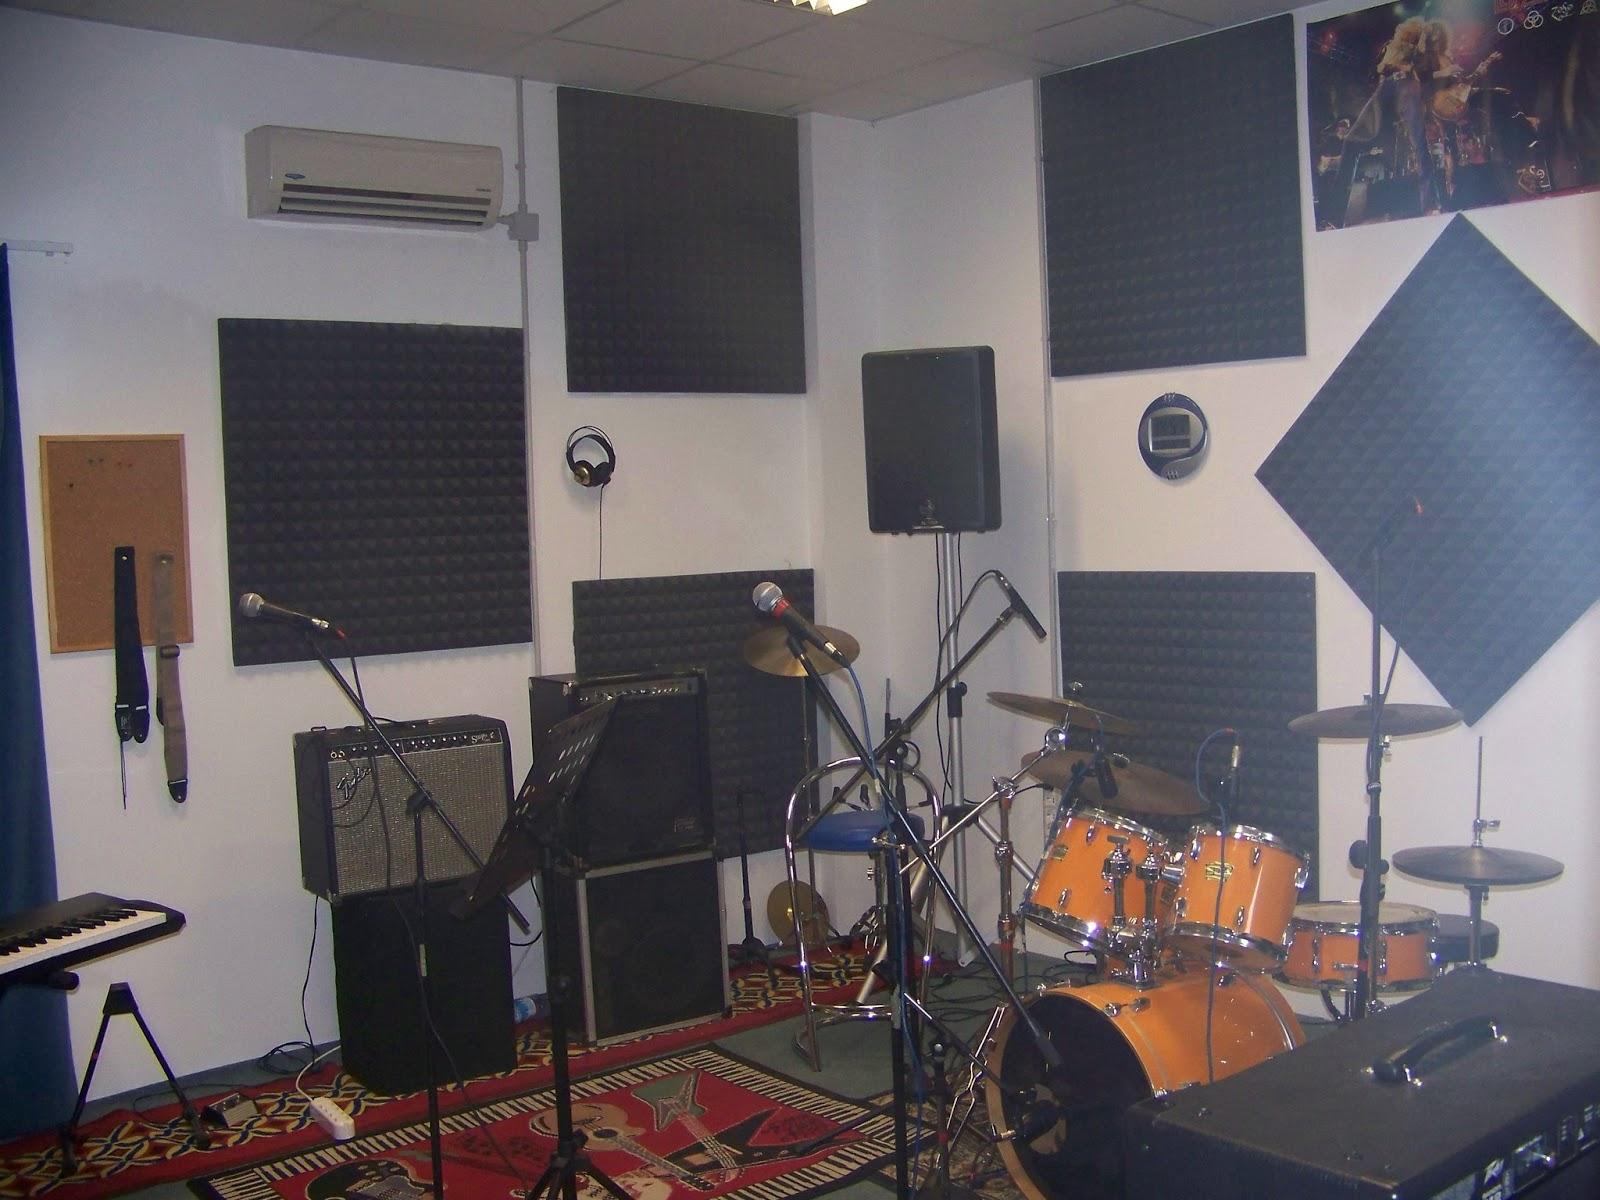 I giovani musicisti cercano casa sant 39 antonino di susa e dintorni - Sala insonorizzata ...